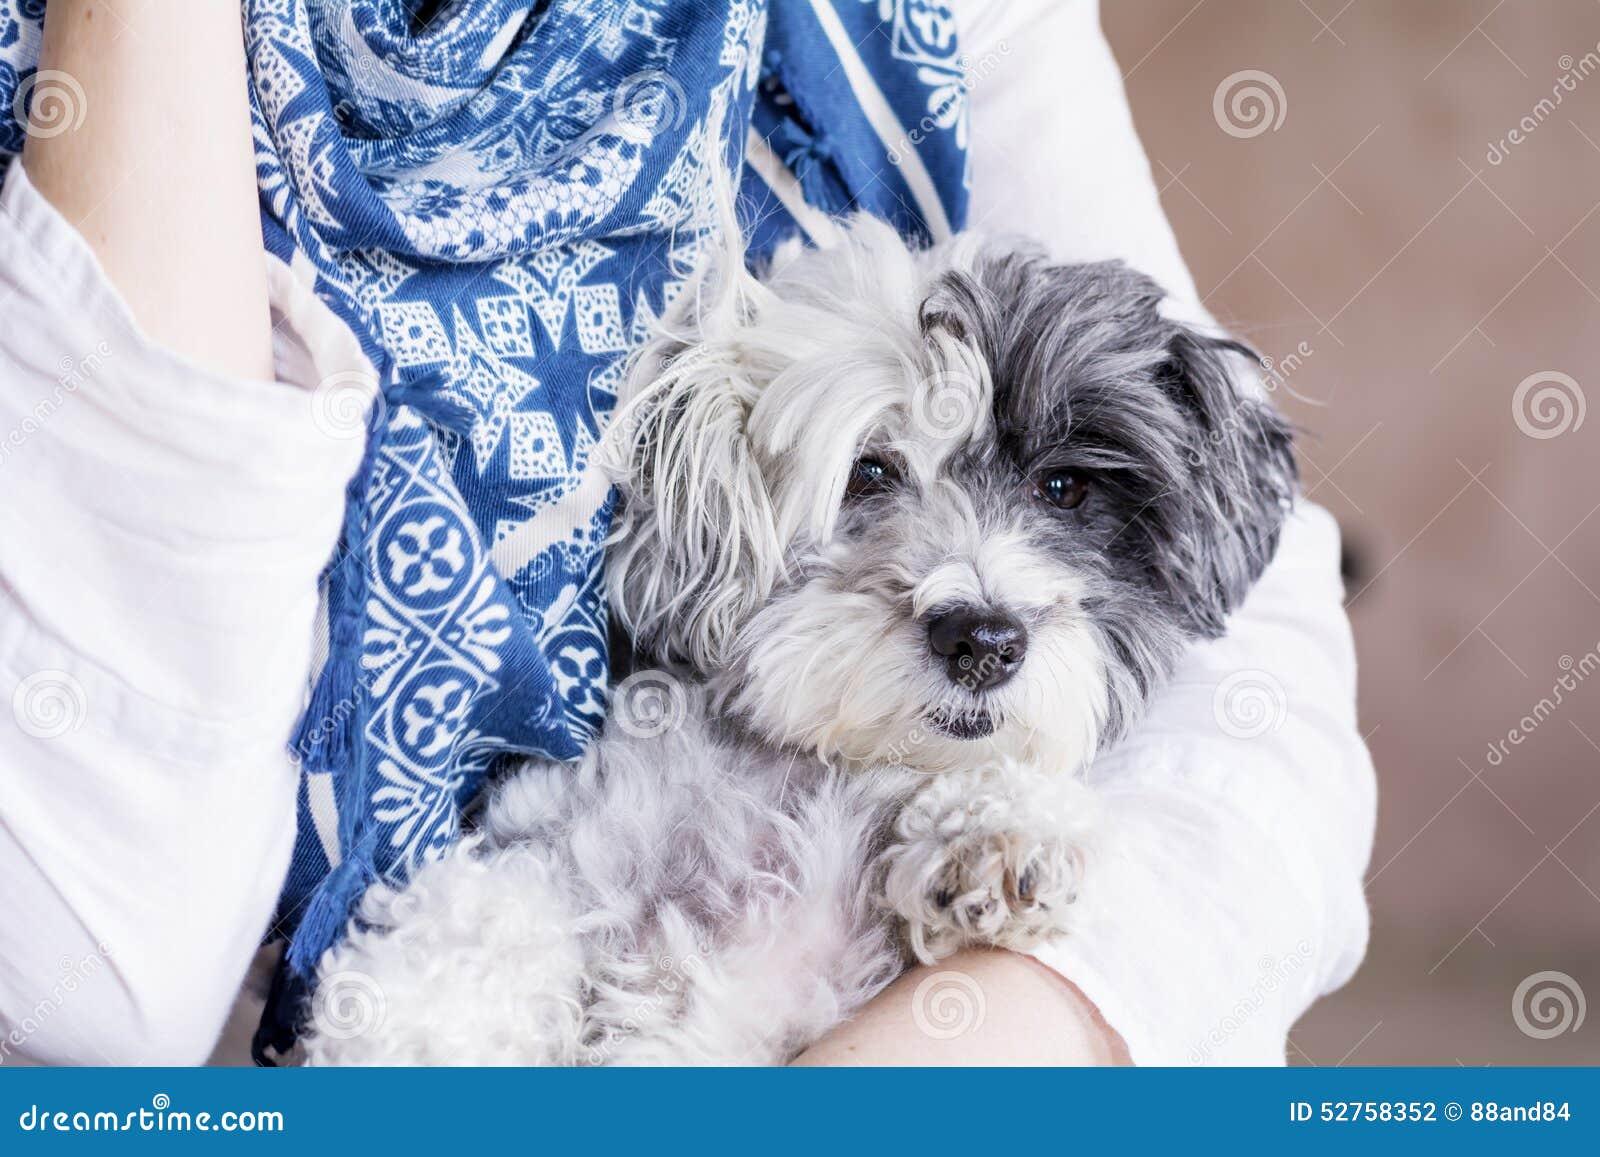 Zakończenie biały pies w kobiety uściśnięciach